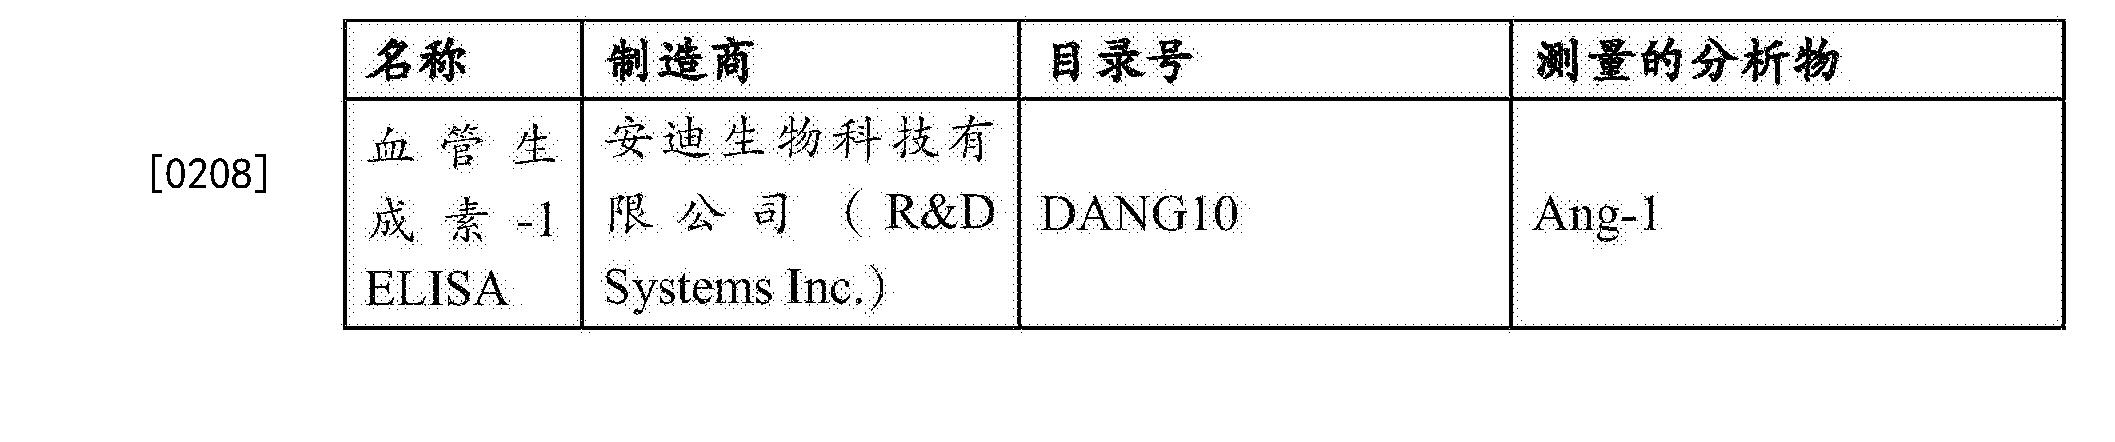 Figure CN105264380BD00281